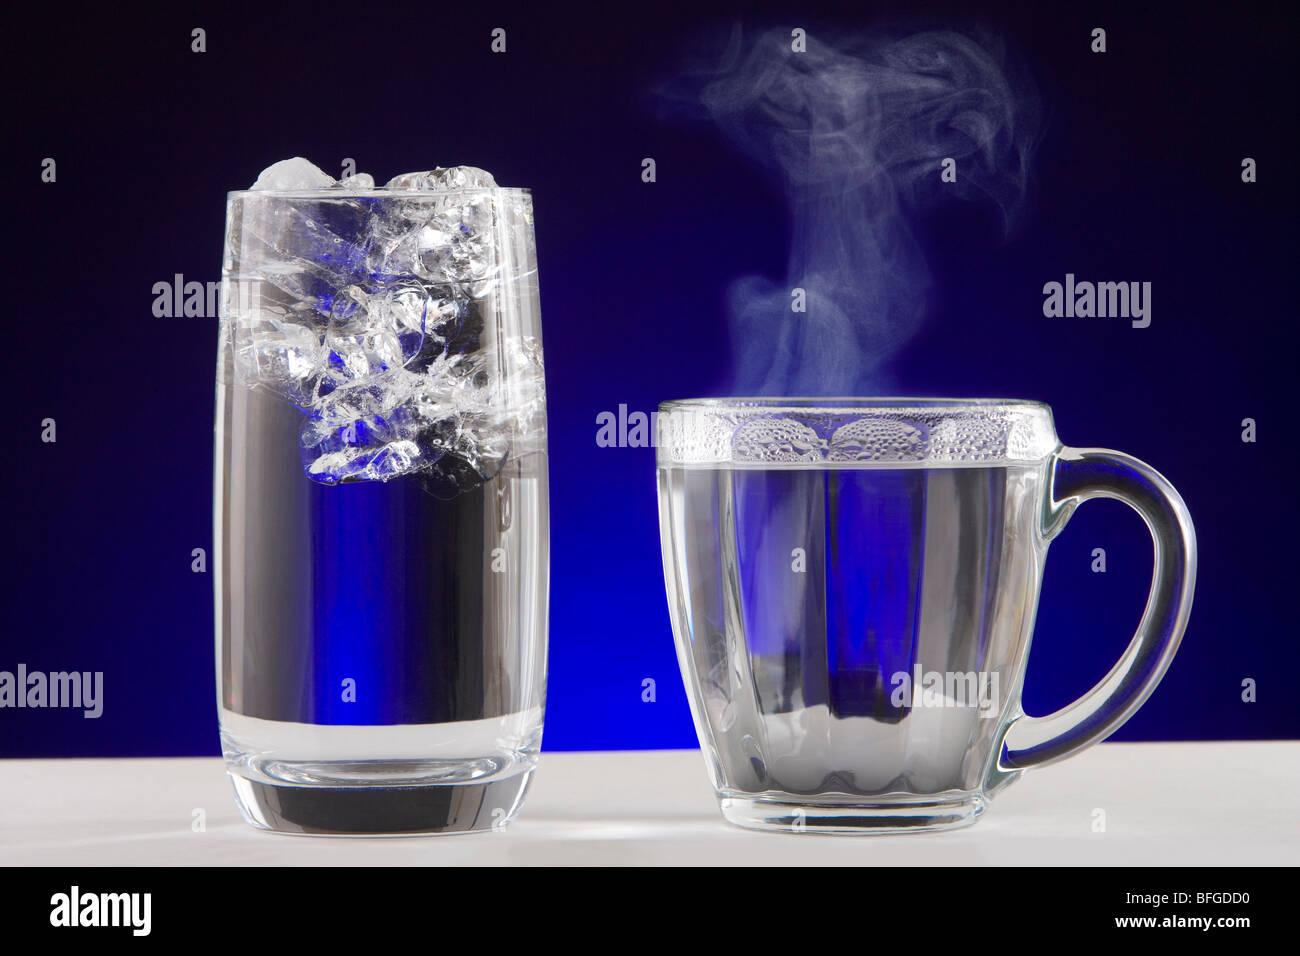 El hielo de agua de vapor. Un vaso de agua fría y una taza de té caliente de vapor de agua. Imagen De Stock